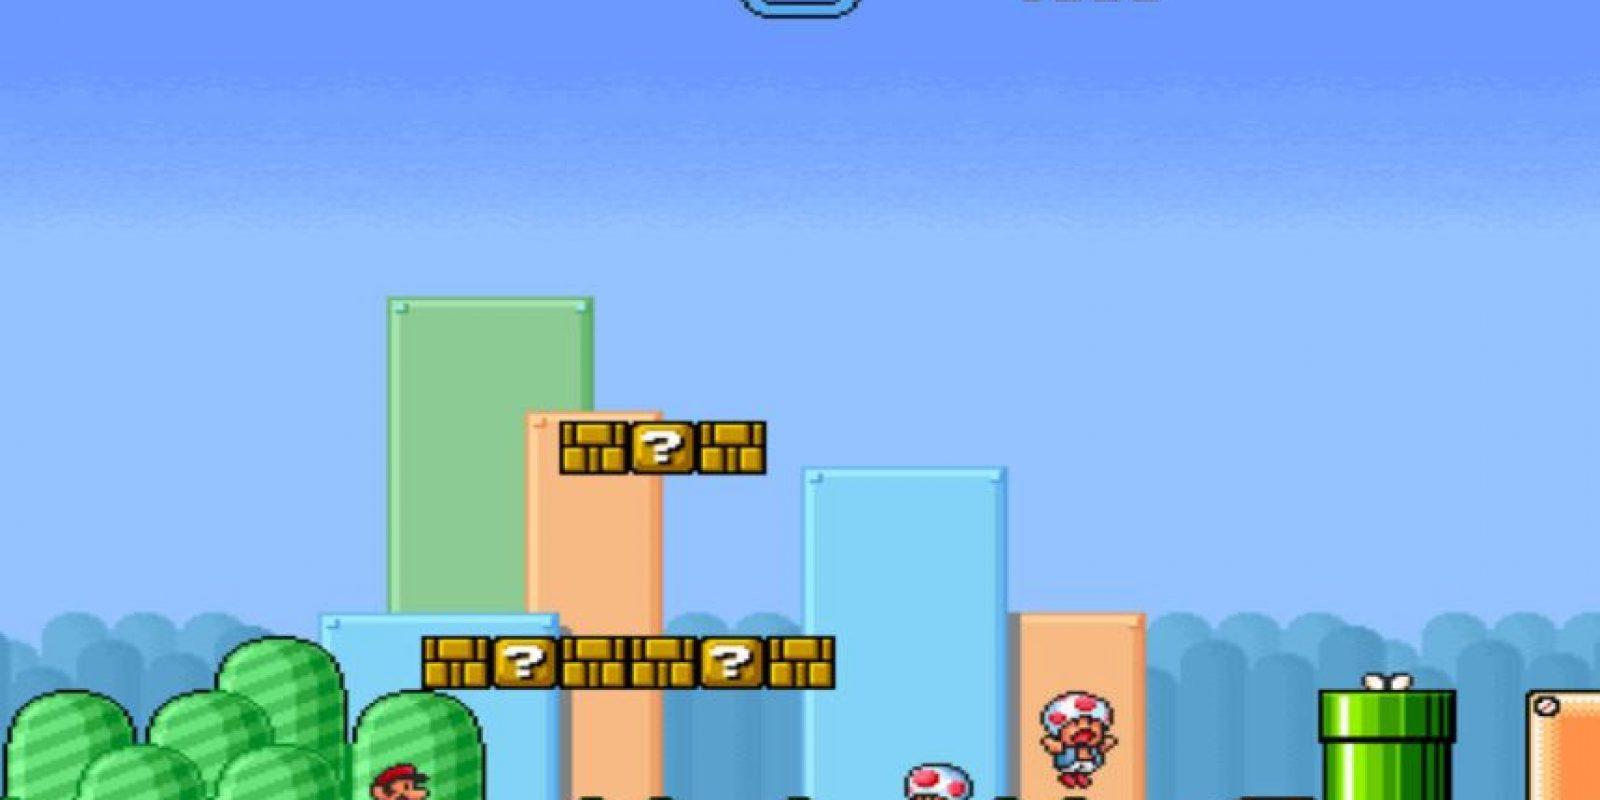 Mario Bros es el juego más famoso de Nintendo. Foto:Nintendo. Imagen Por: